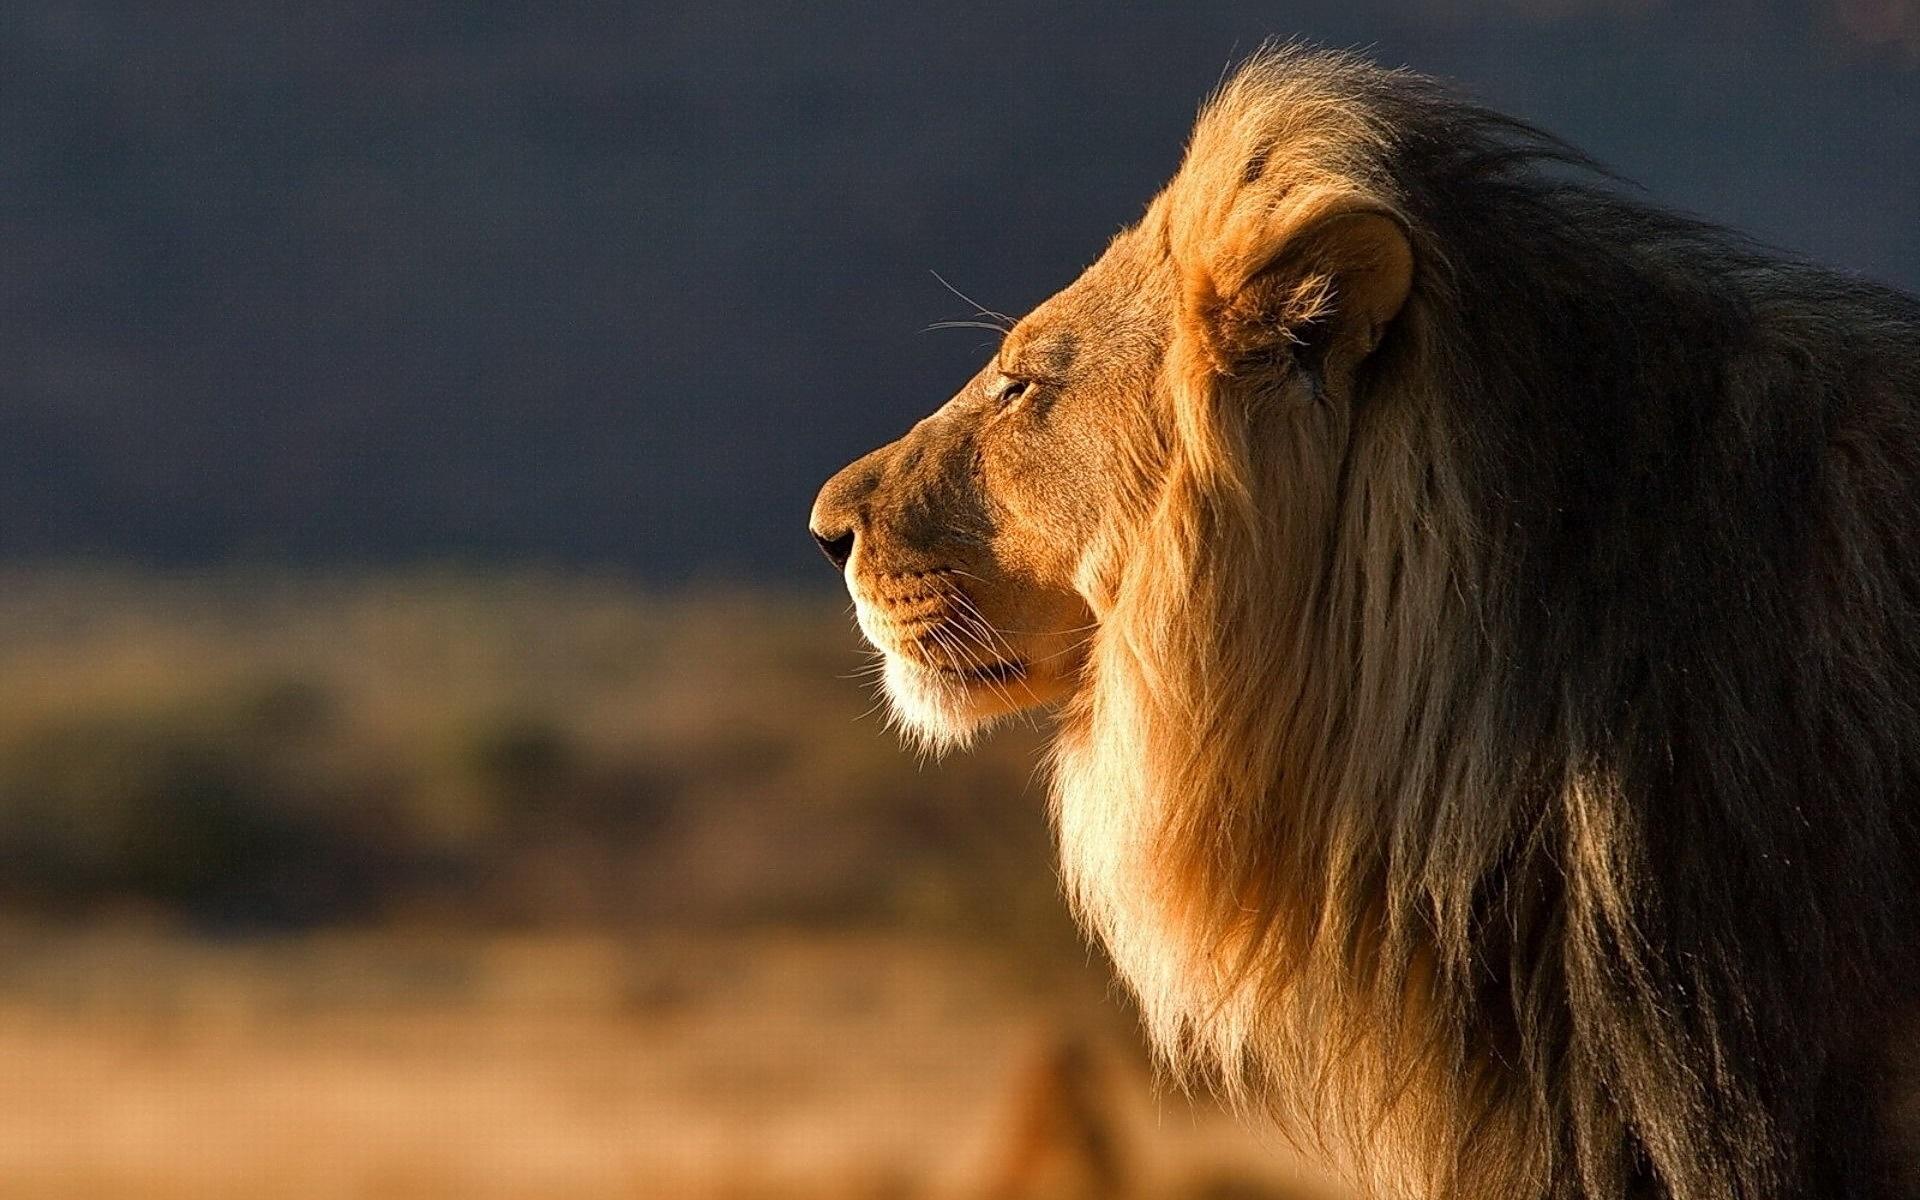 фото высокого качества львы на фон телефона замачивания